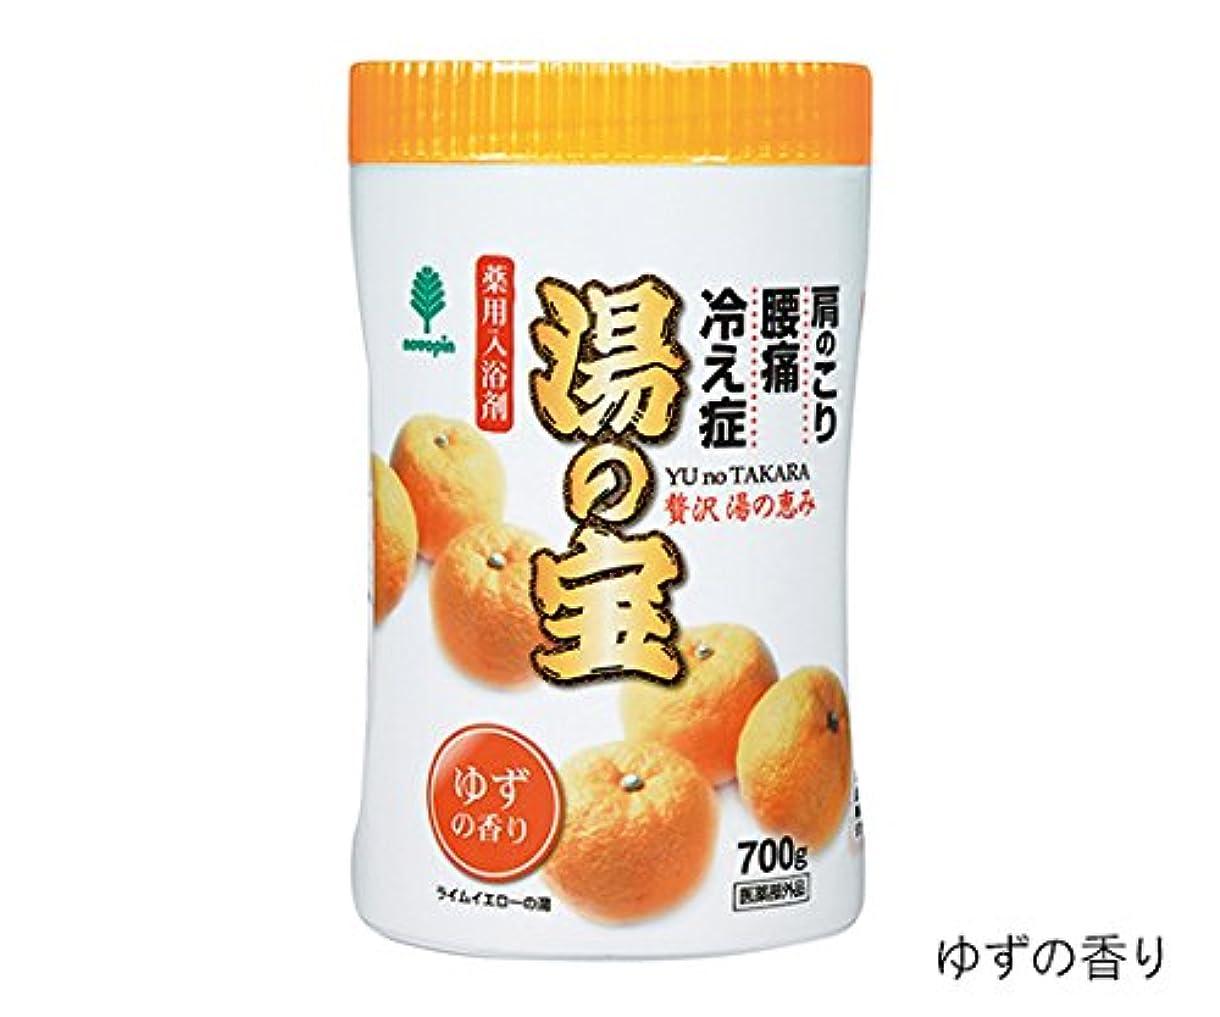 ウッズブラジャー多年生紀陽除虫菊7-2542-02入浴剤(湯の宝)森林の香り700g